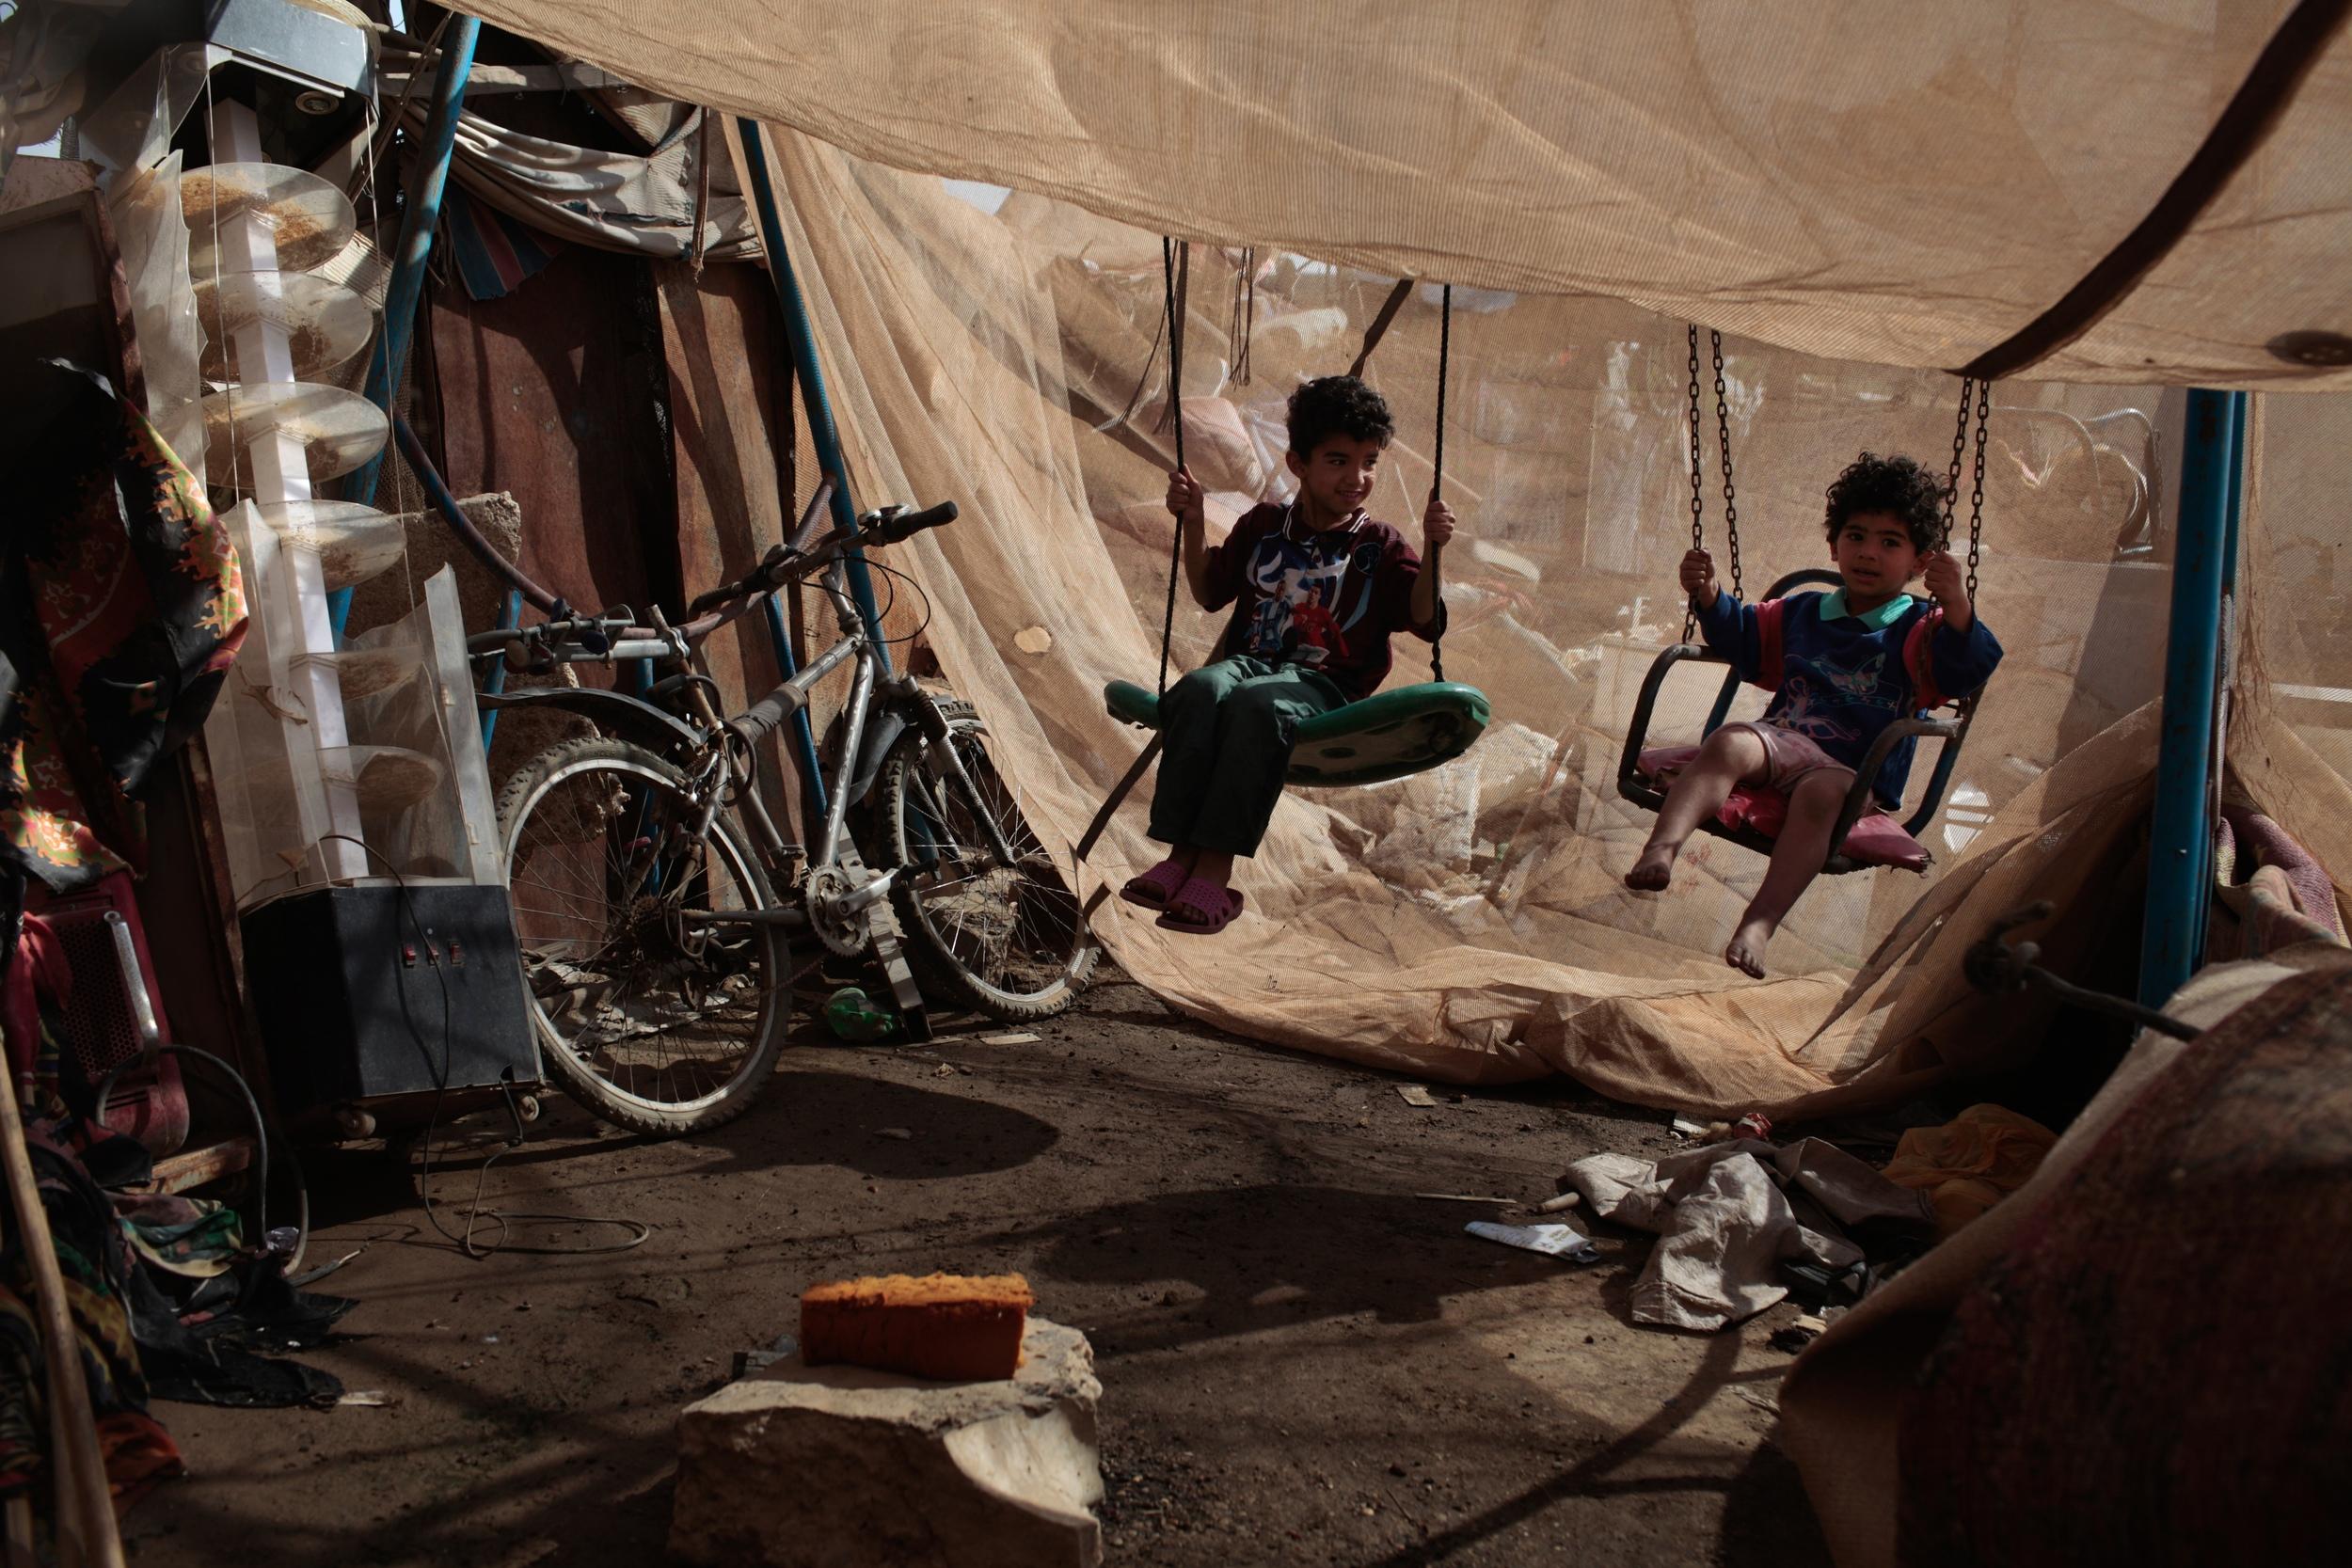 Zafraniya, Bagdad 2011 - © ICRC/GETTY/OU, Ed